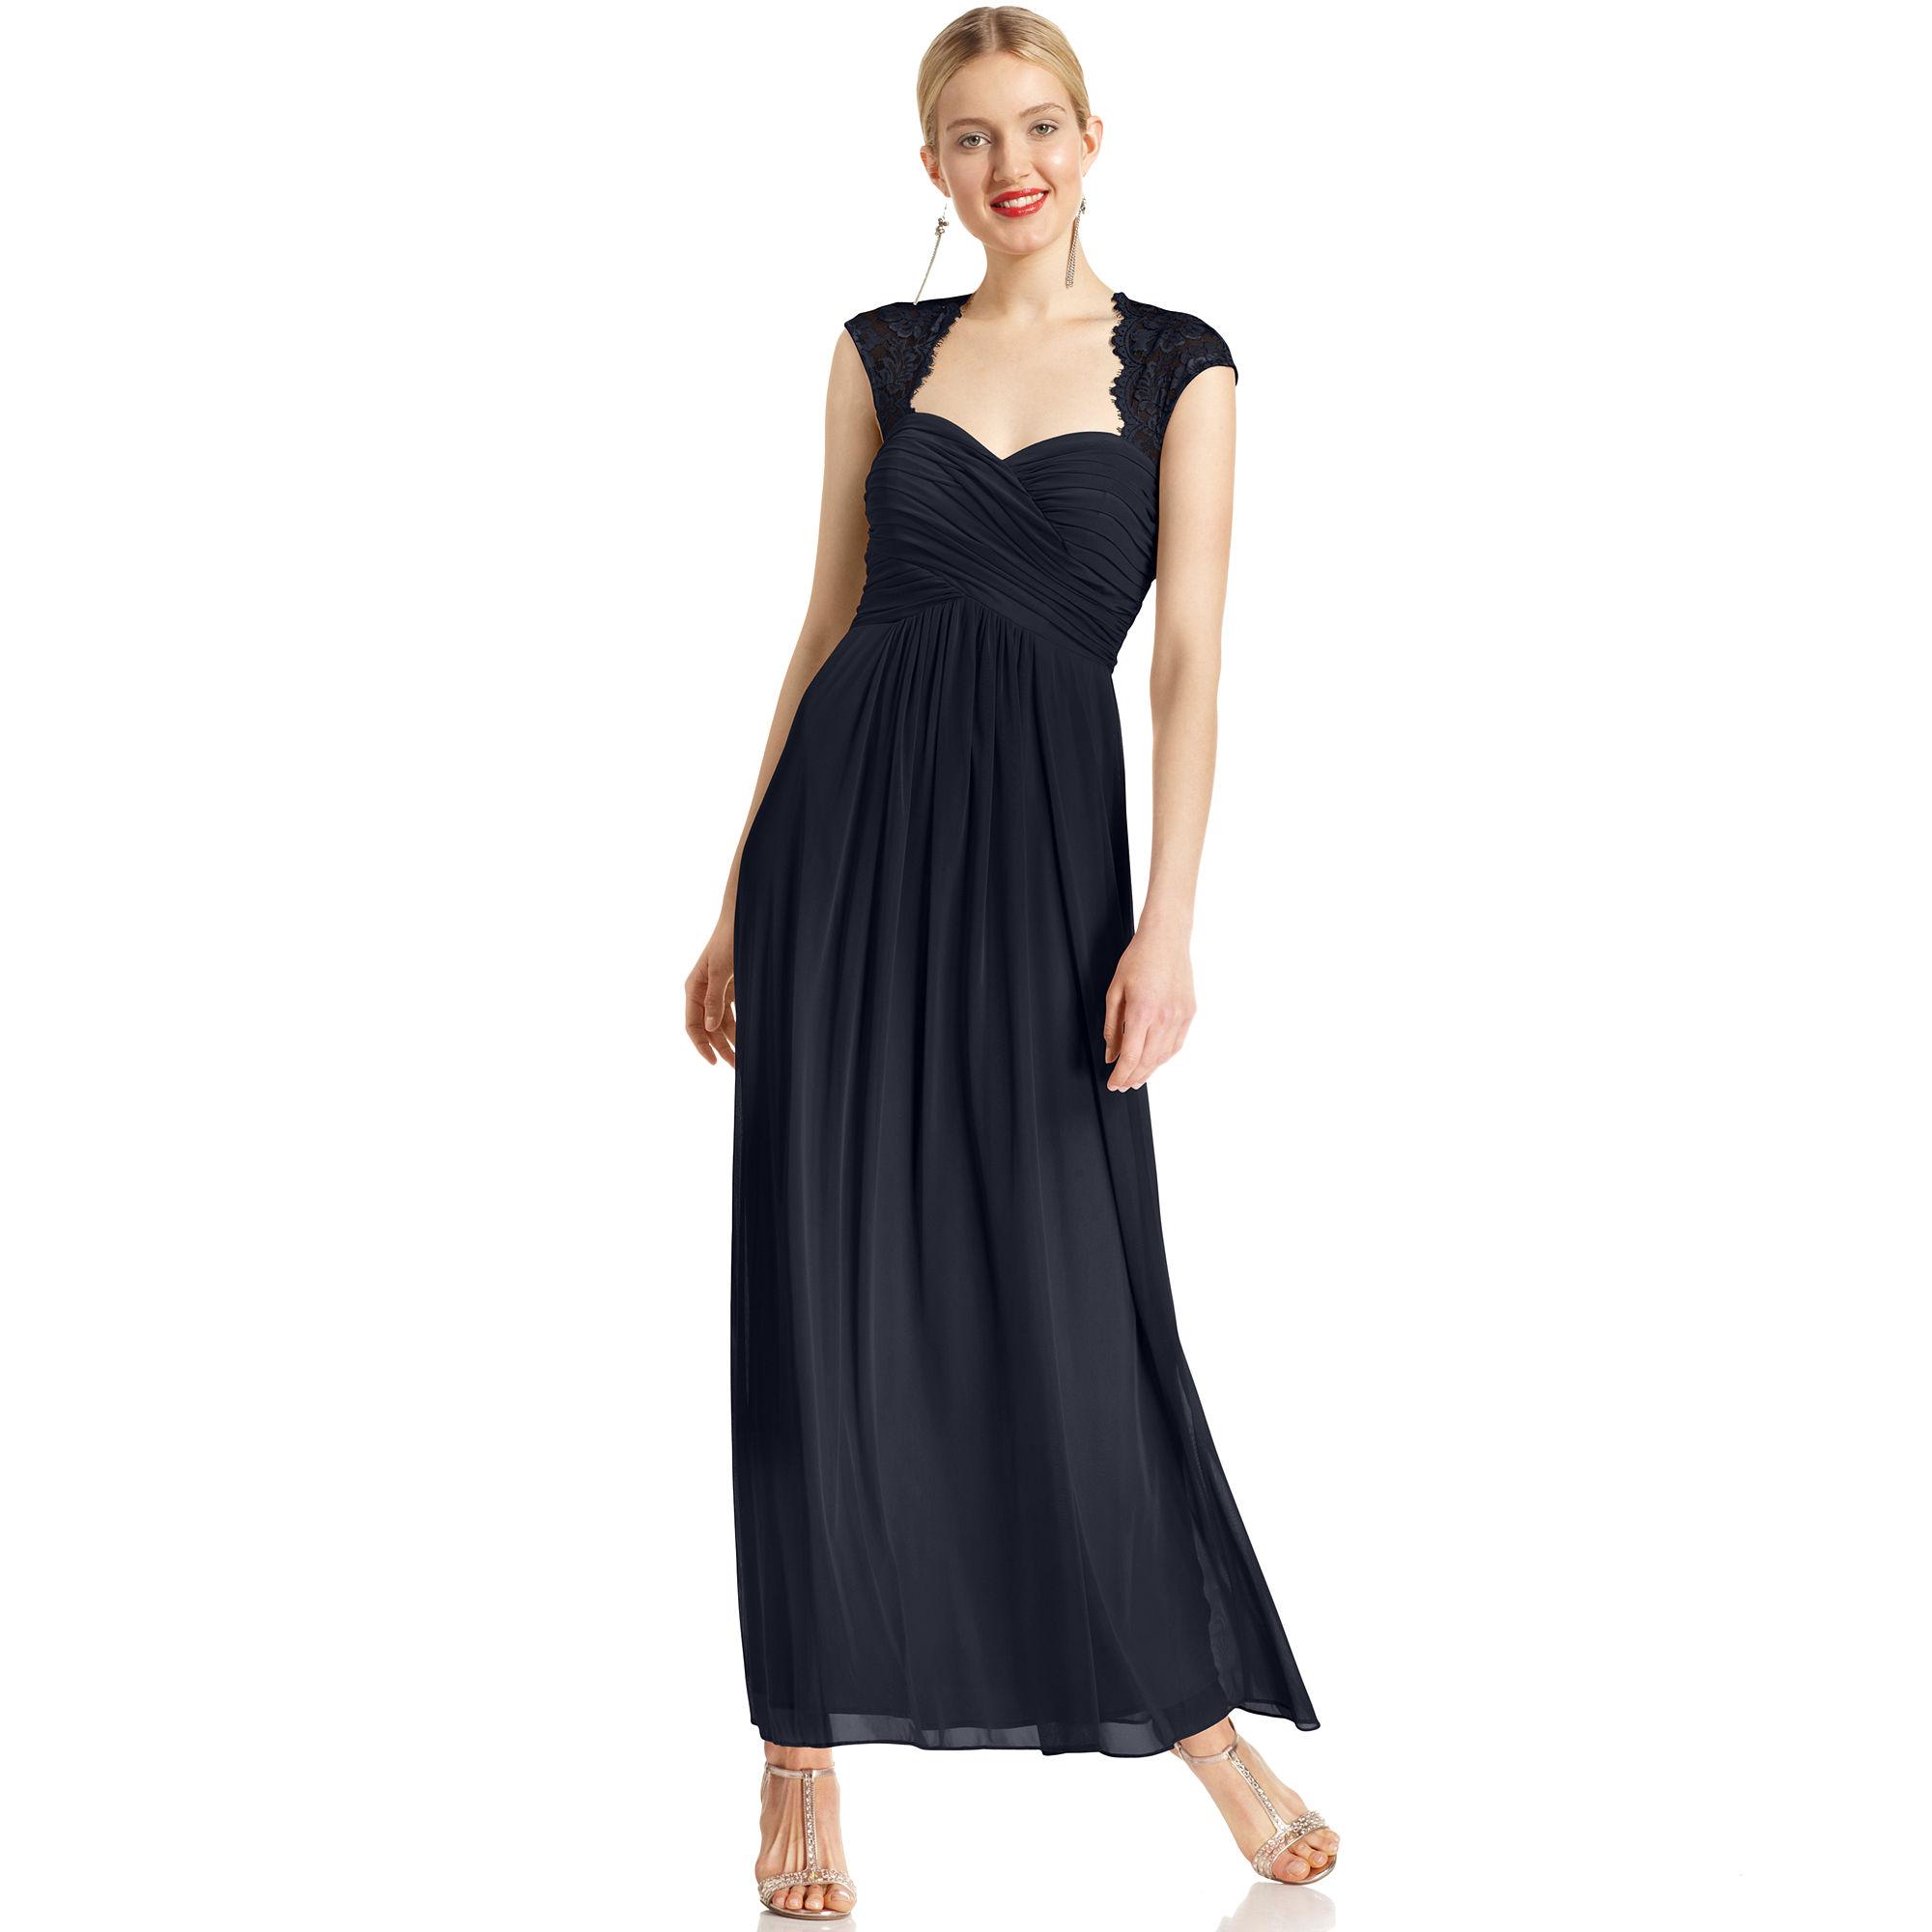 Xscape Lace Dress – fashion dresses